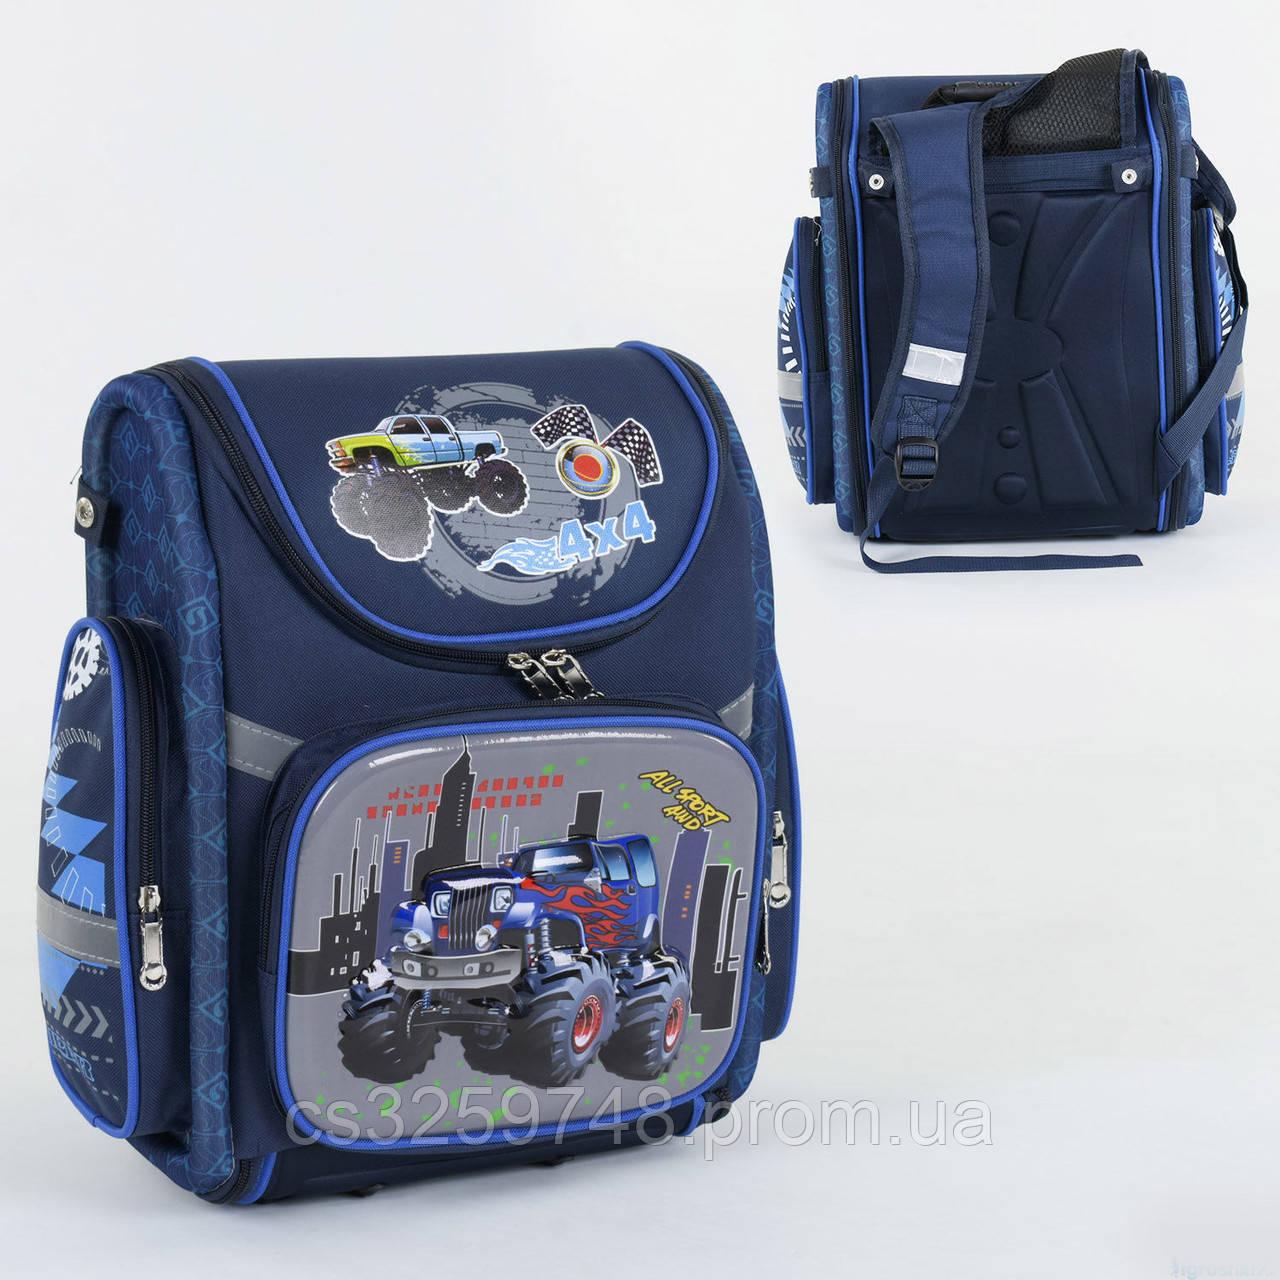 Рюкзак школьный каркасный С 36193, 1 отделение, 3 кармана, спинка ортопедическая, 3D принт